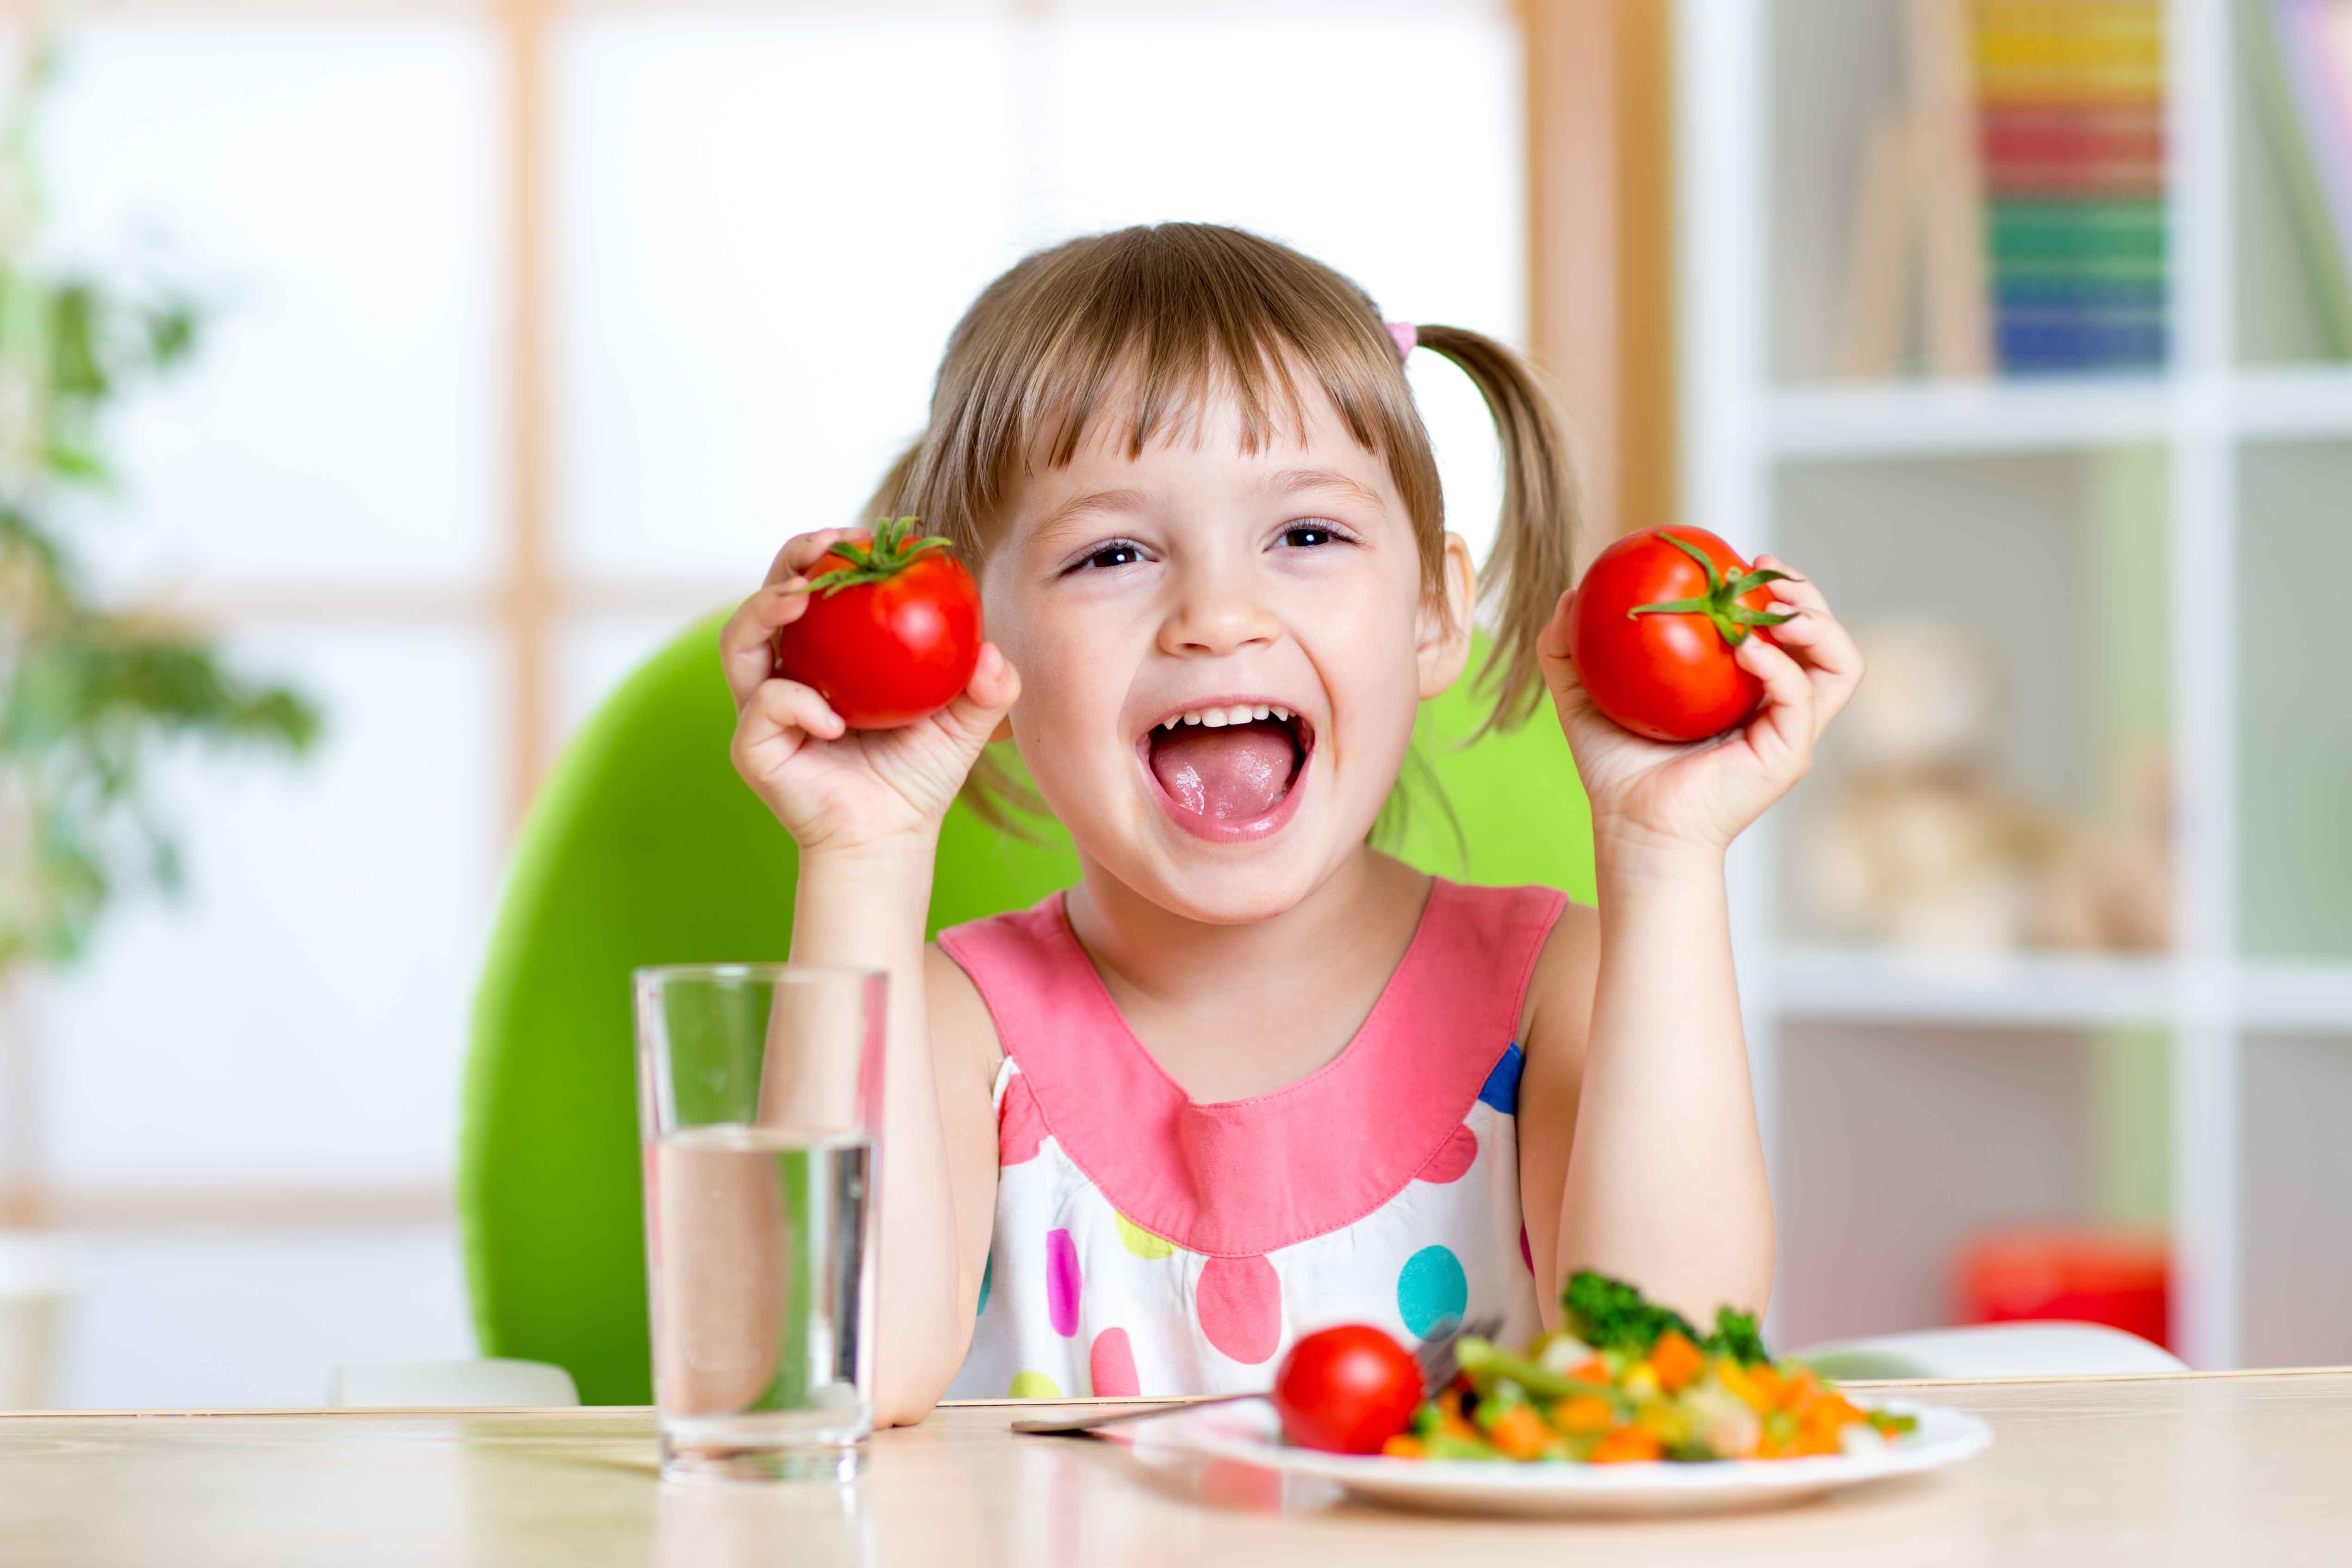 Niña comiendo comida saludable